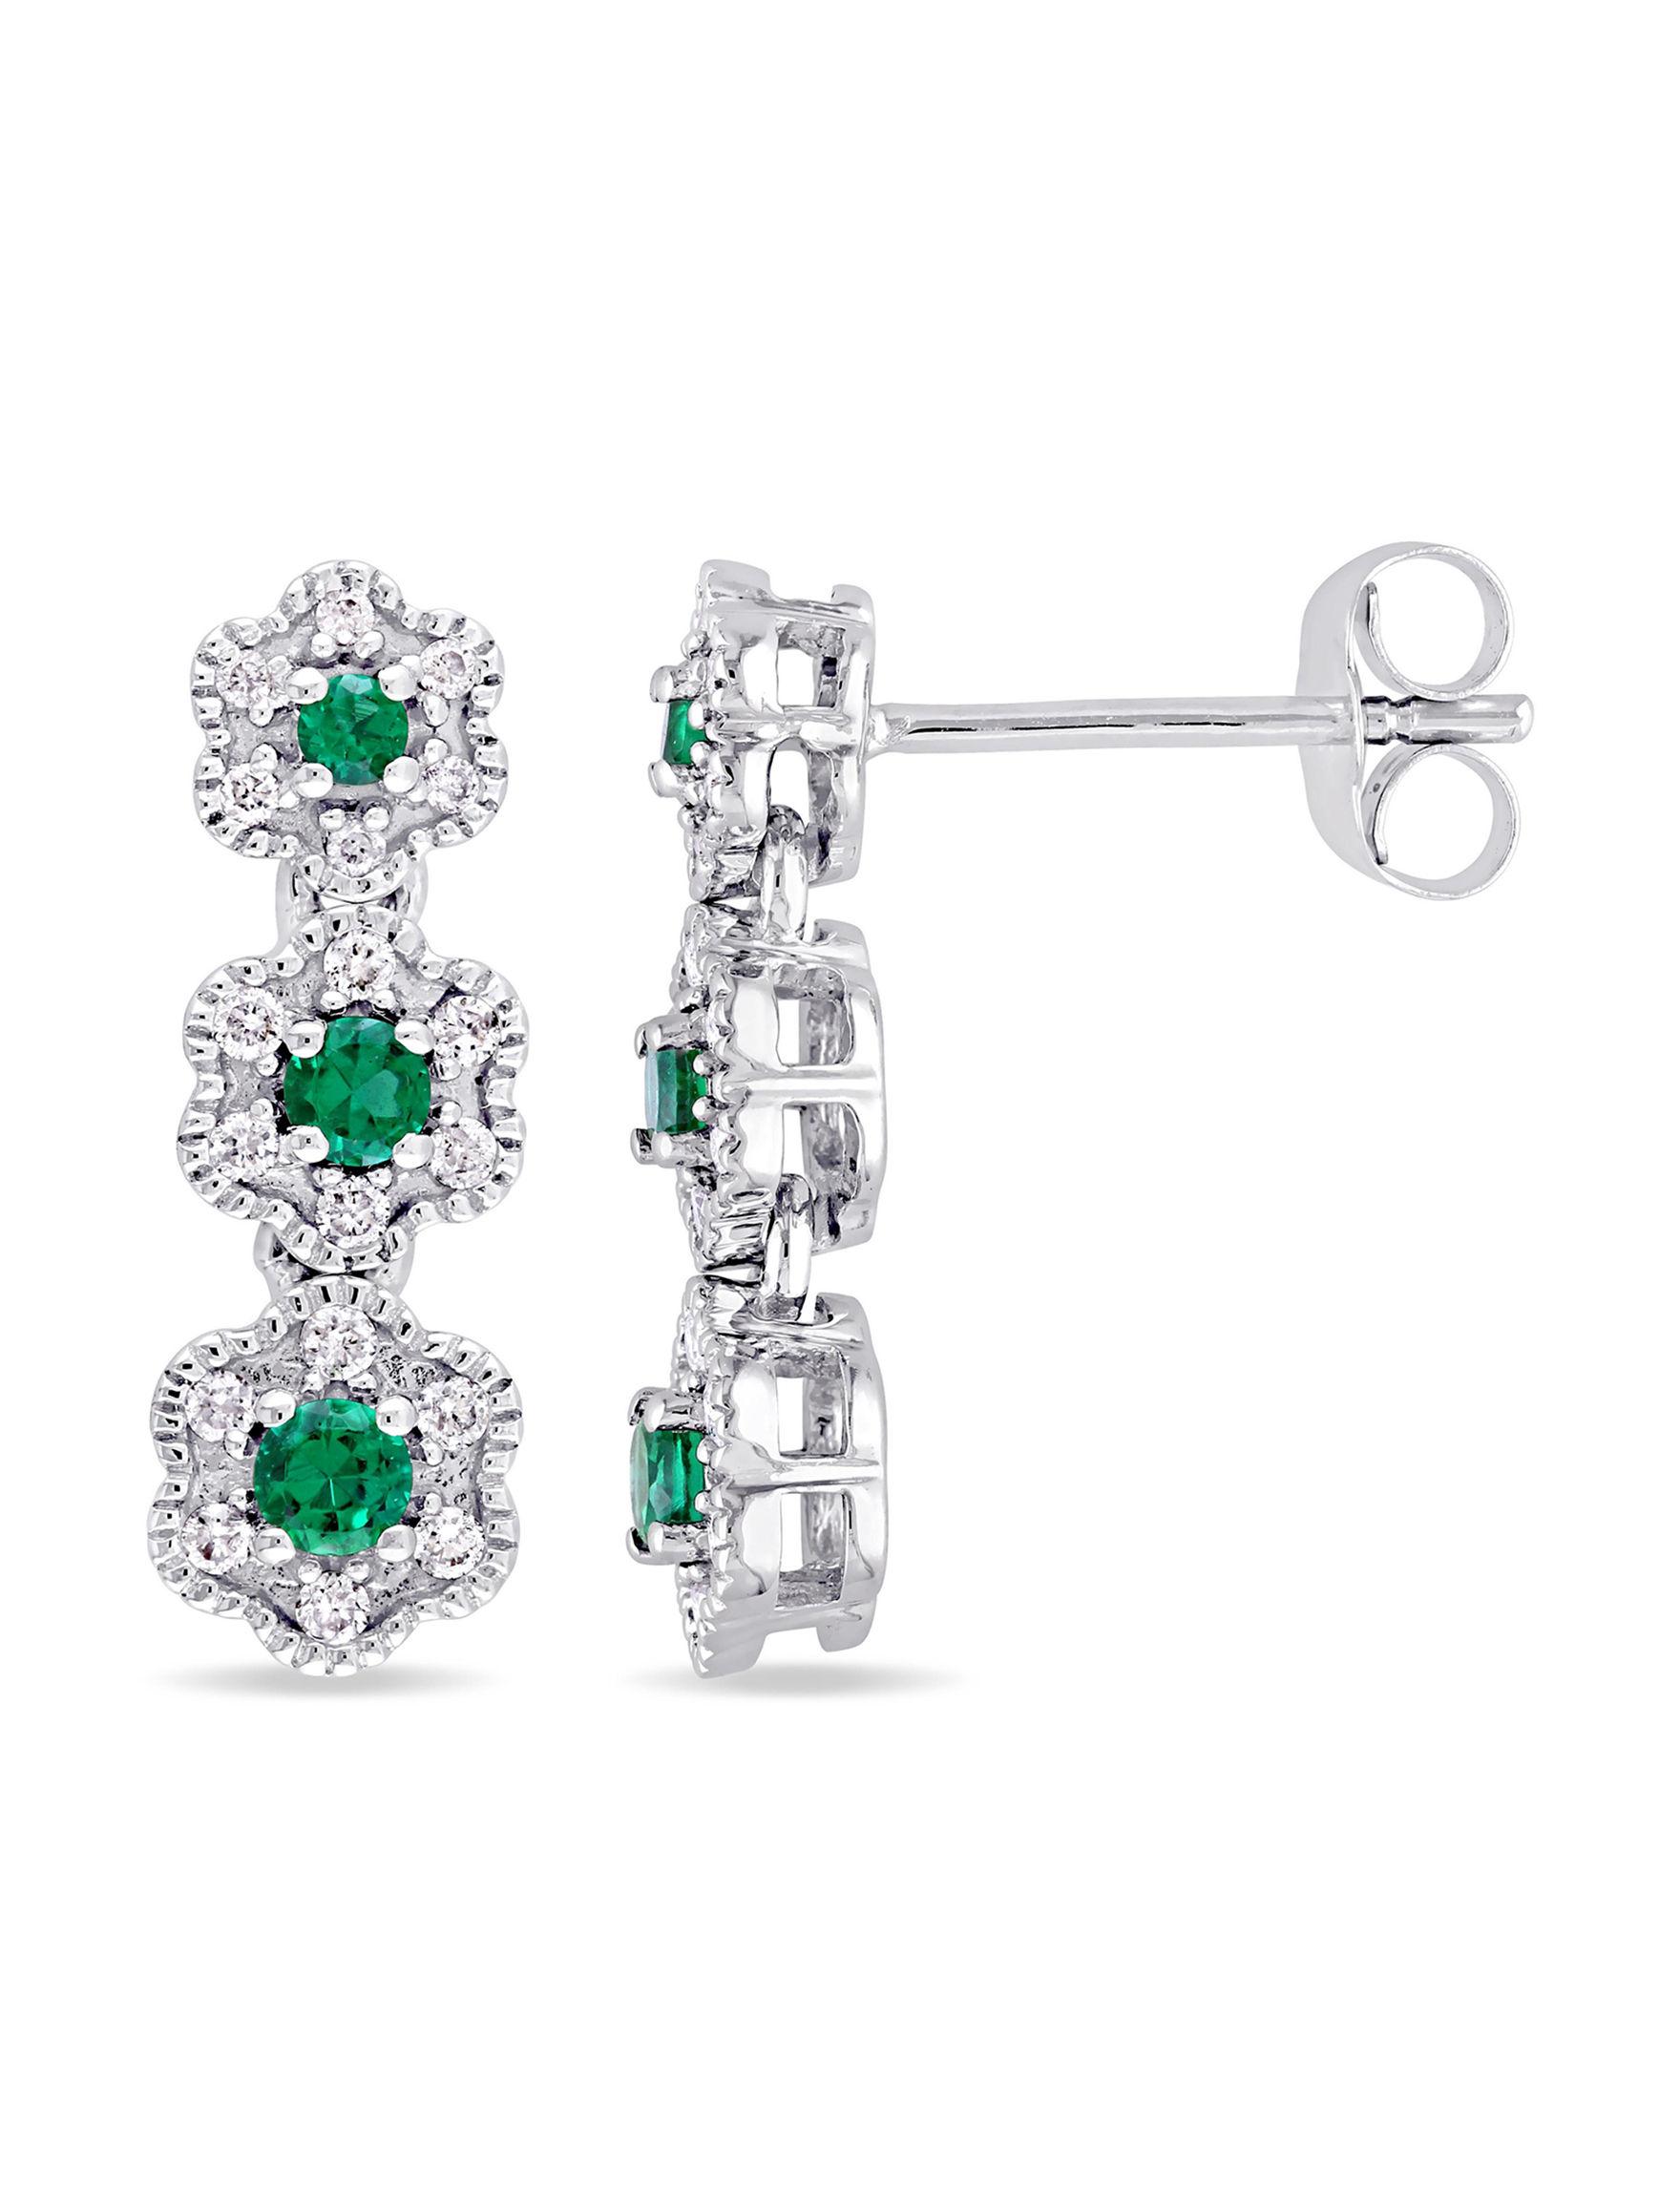 Laura Ashley White Gold Drops Earrings Fine Jewelry